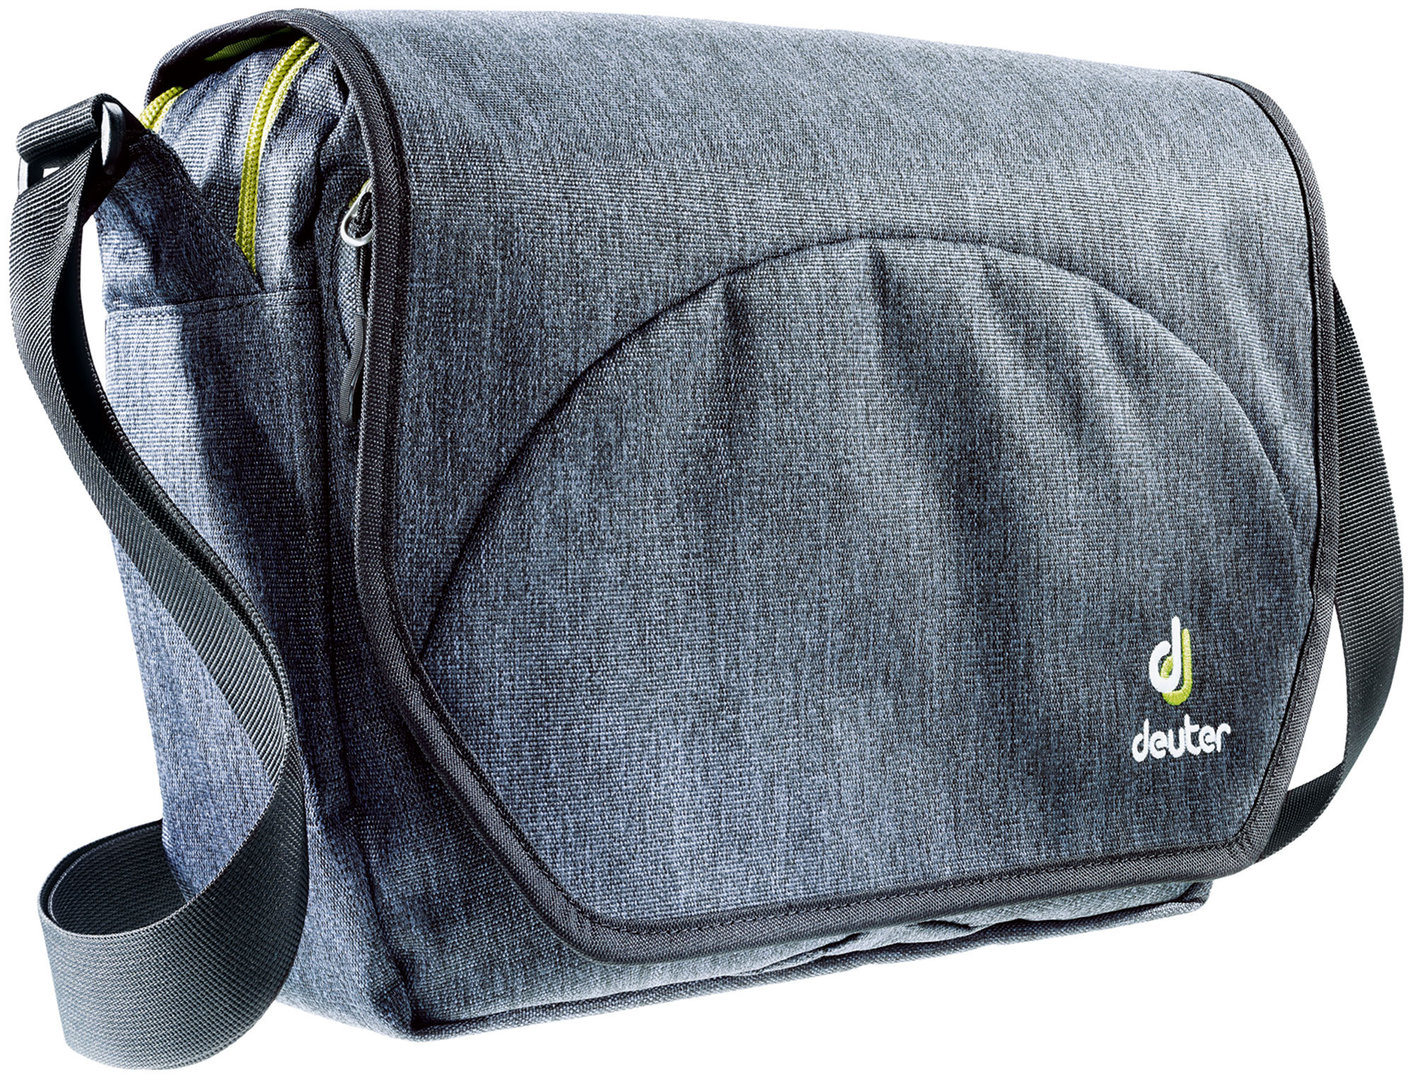 Купить Сумка на плечо Deuter 2015 Shoulder bags Carry out dresscode-black Сумки для города 1073132